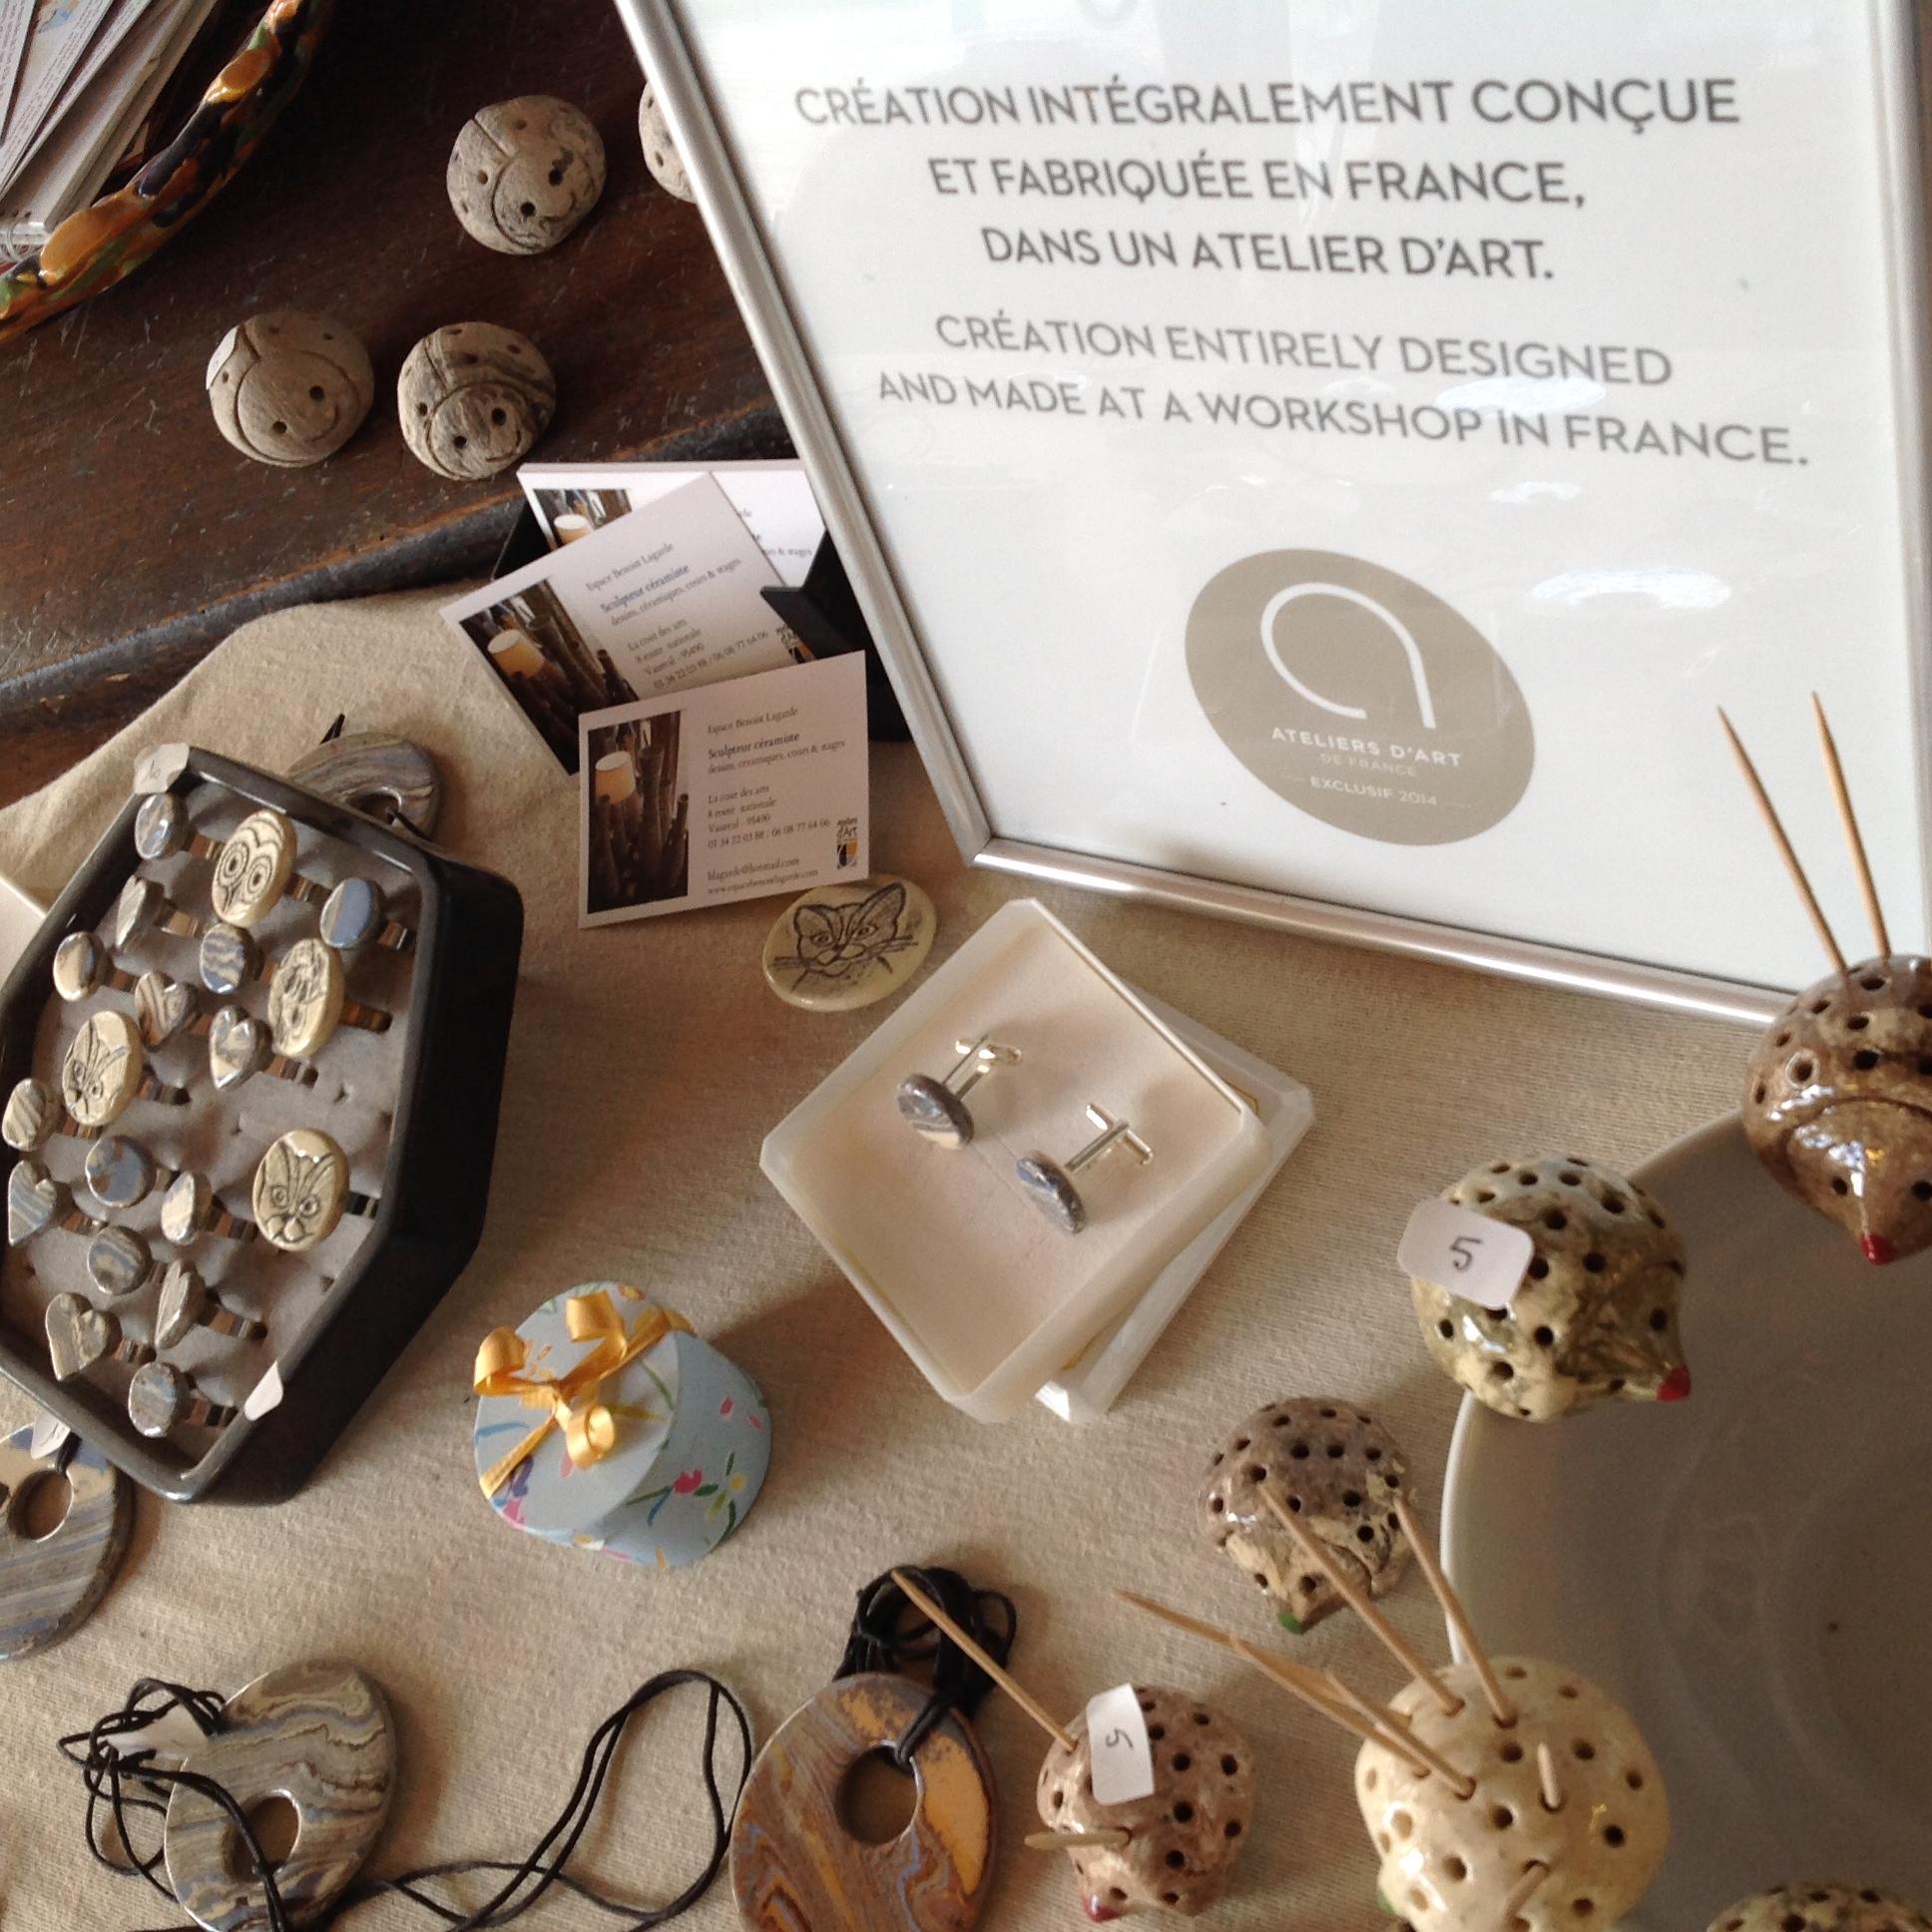 benoist lagarde le sculpteur c ramiste ouvre son atelier d artiste au public relations. Black Bedroom Furniture Sets. Home Design Ideas